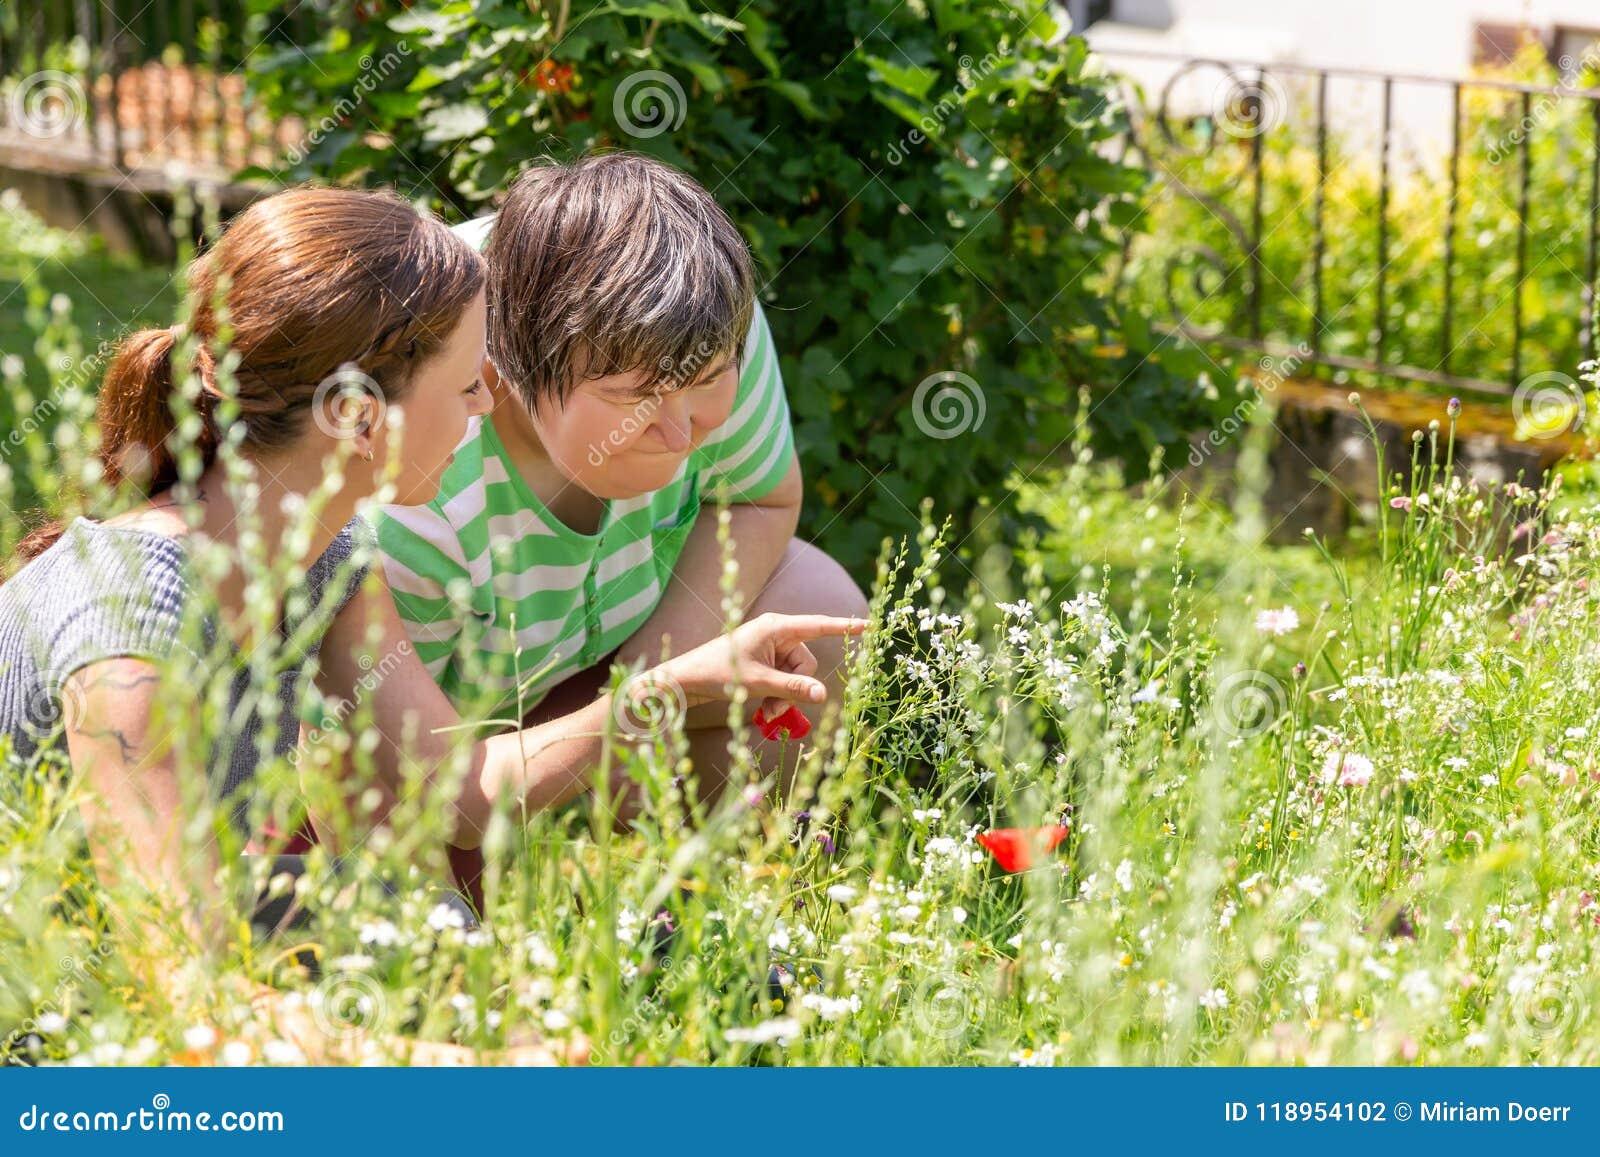 Kvinnan visar en mental rörelsehindrad kvinna en blomma